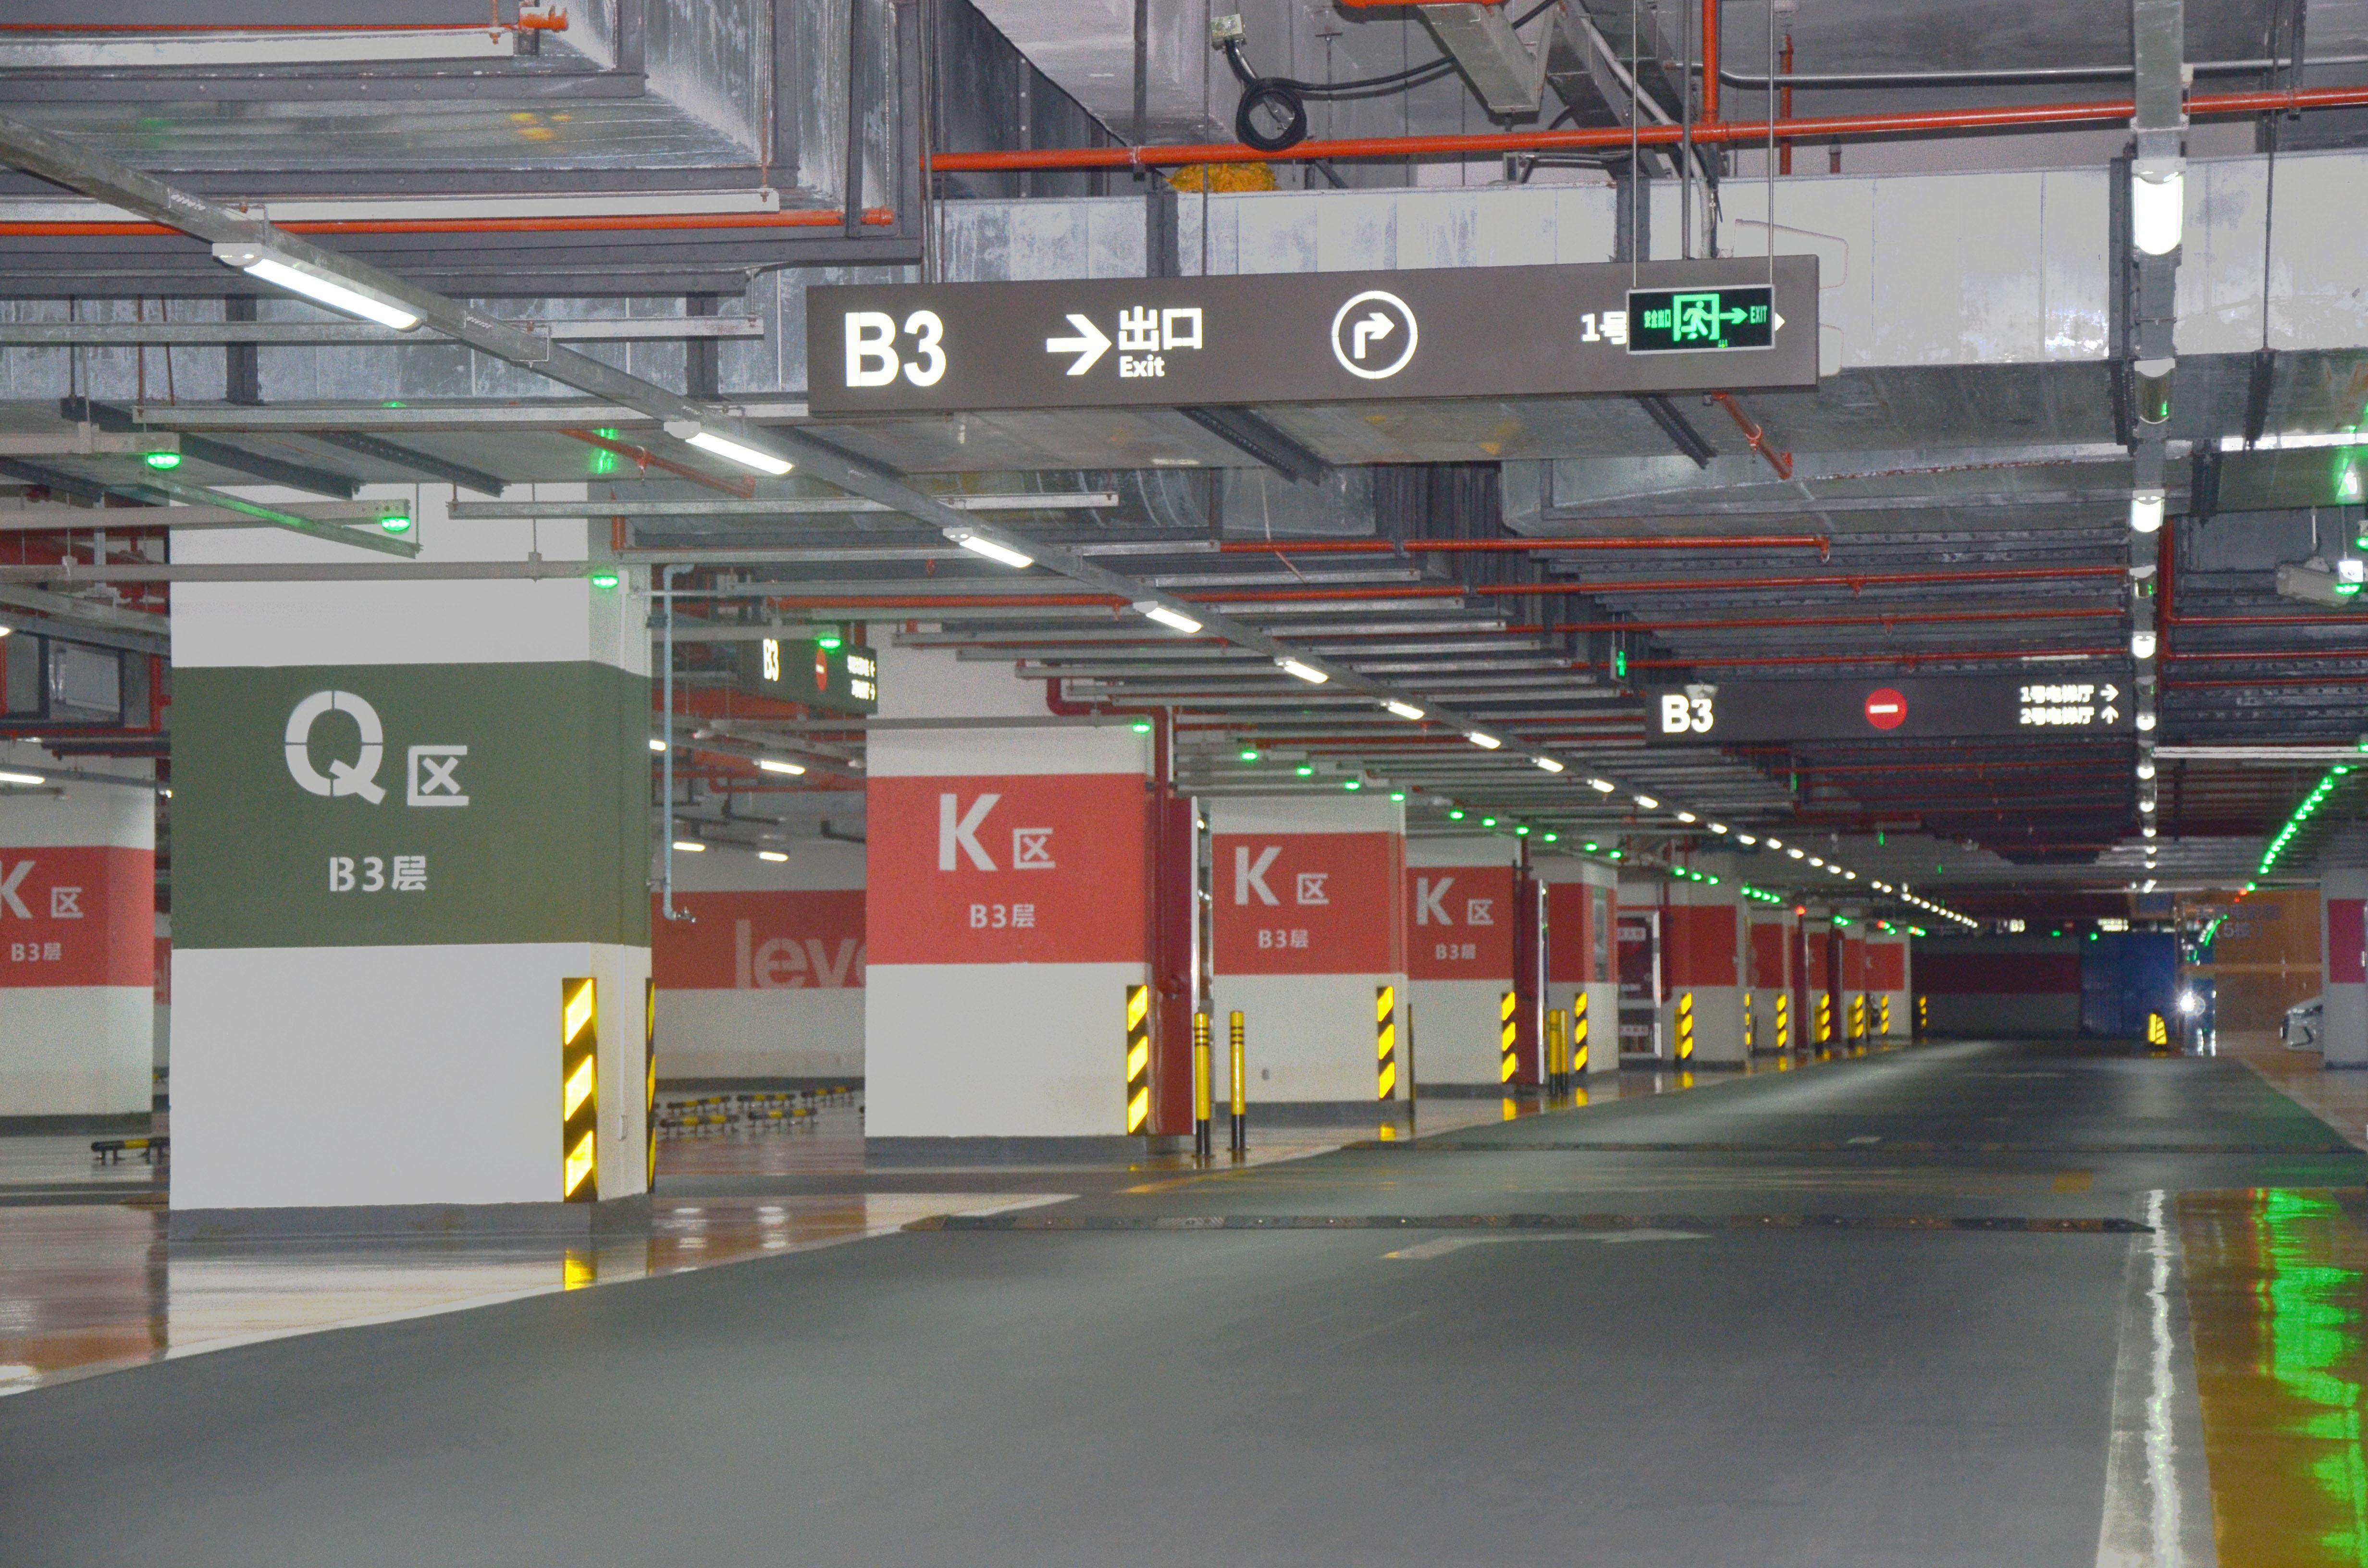 又是否赞叹过某些停车场高大上的设计,舒适而温馨的环境,智能和人性化